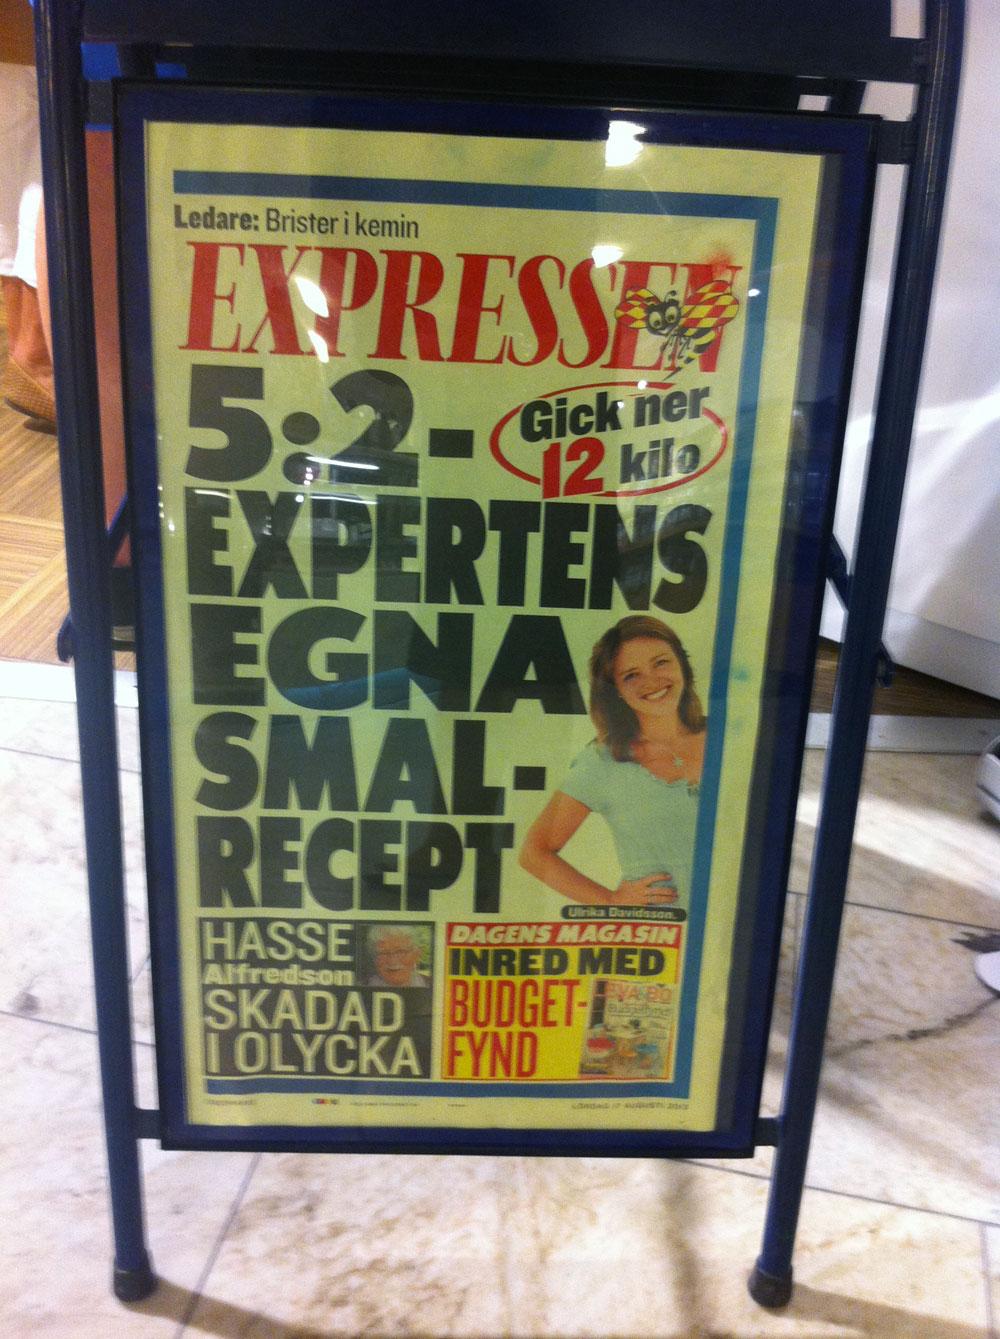 Expressen-5.2-lopet